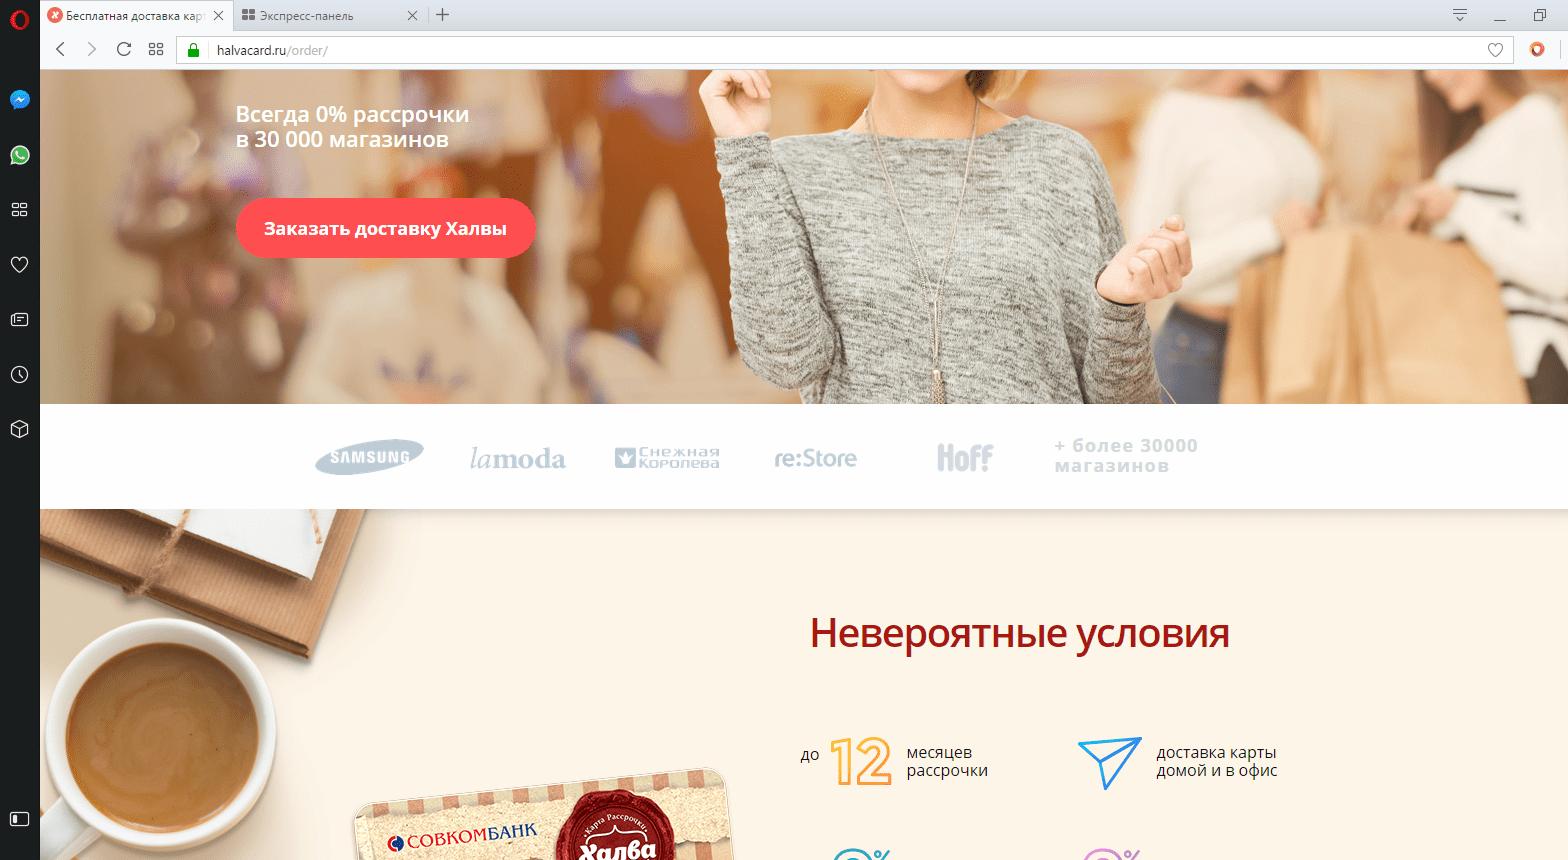 Как получить карту Халва Совкомбанка на сайте